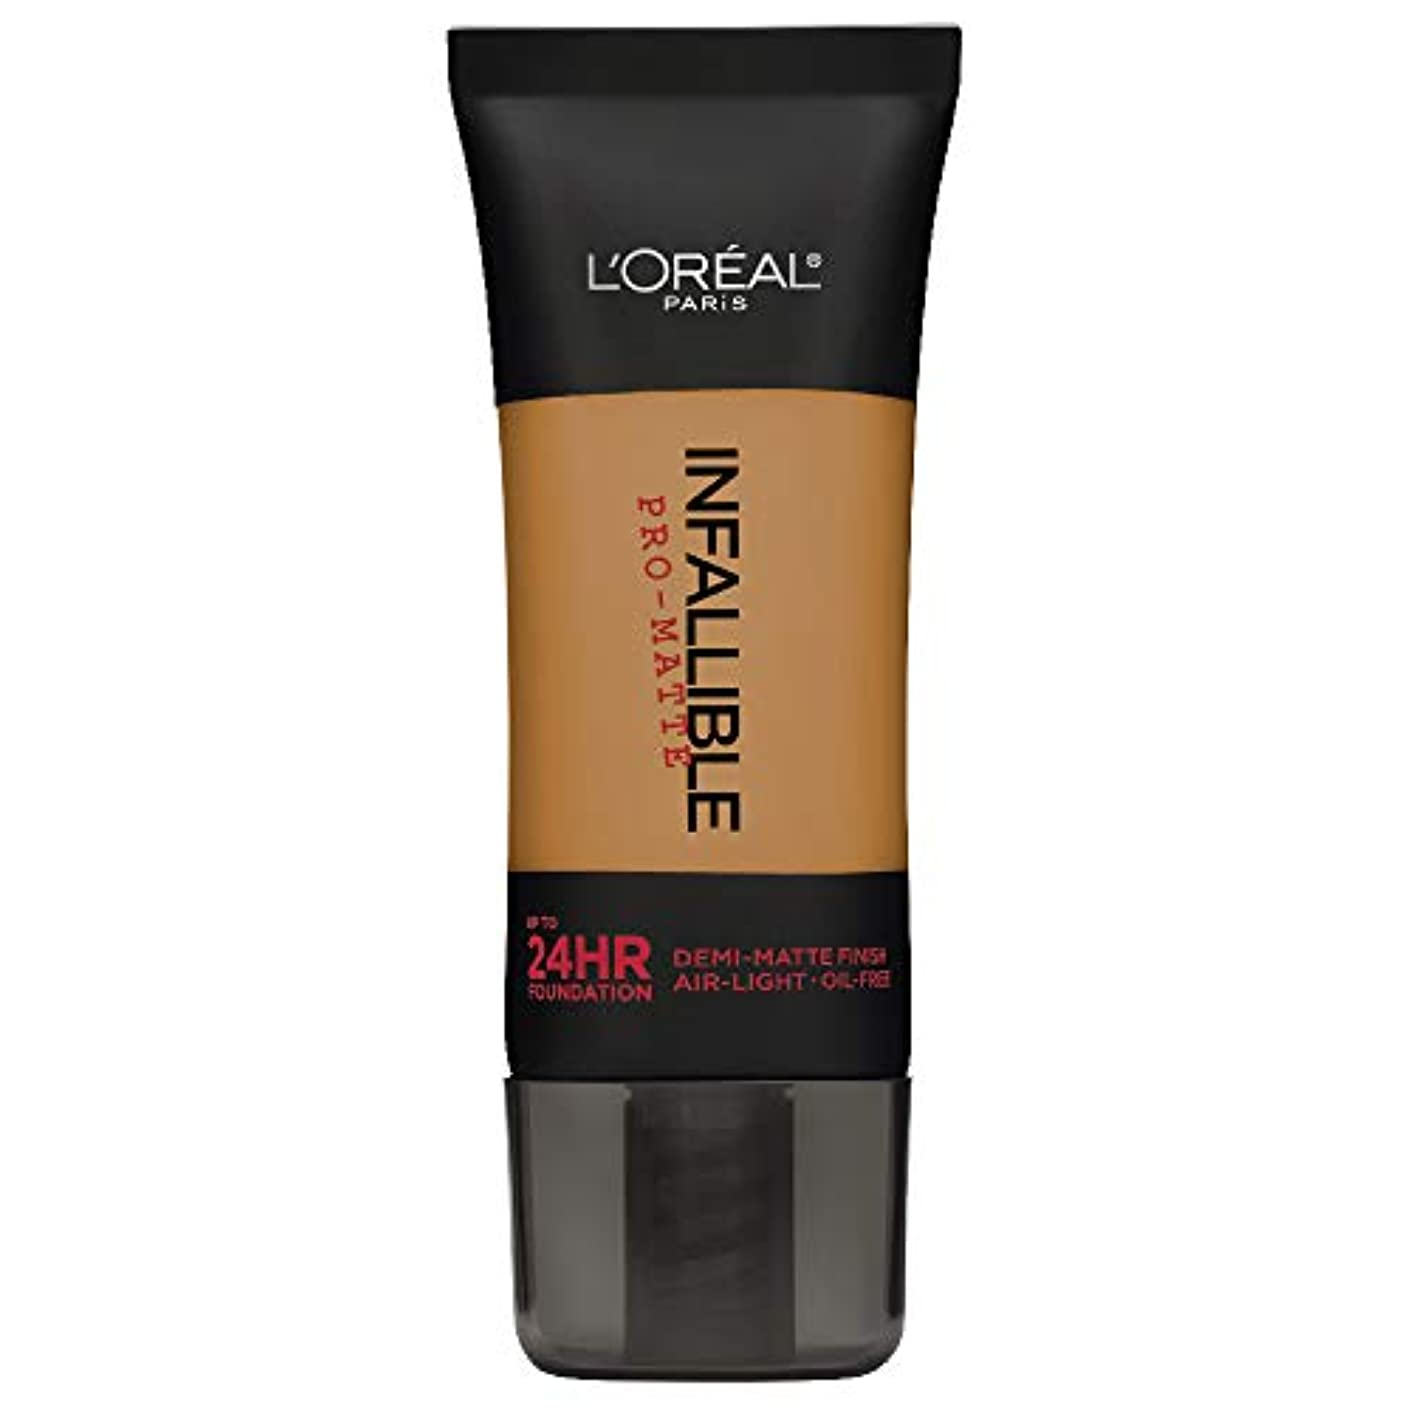 幸運エージェント肉屋L'Oreal Paris Infallible Pro-Matte Foundation Makeup, 111 Soft Sable, 1 fl. oz[並行輸入品]